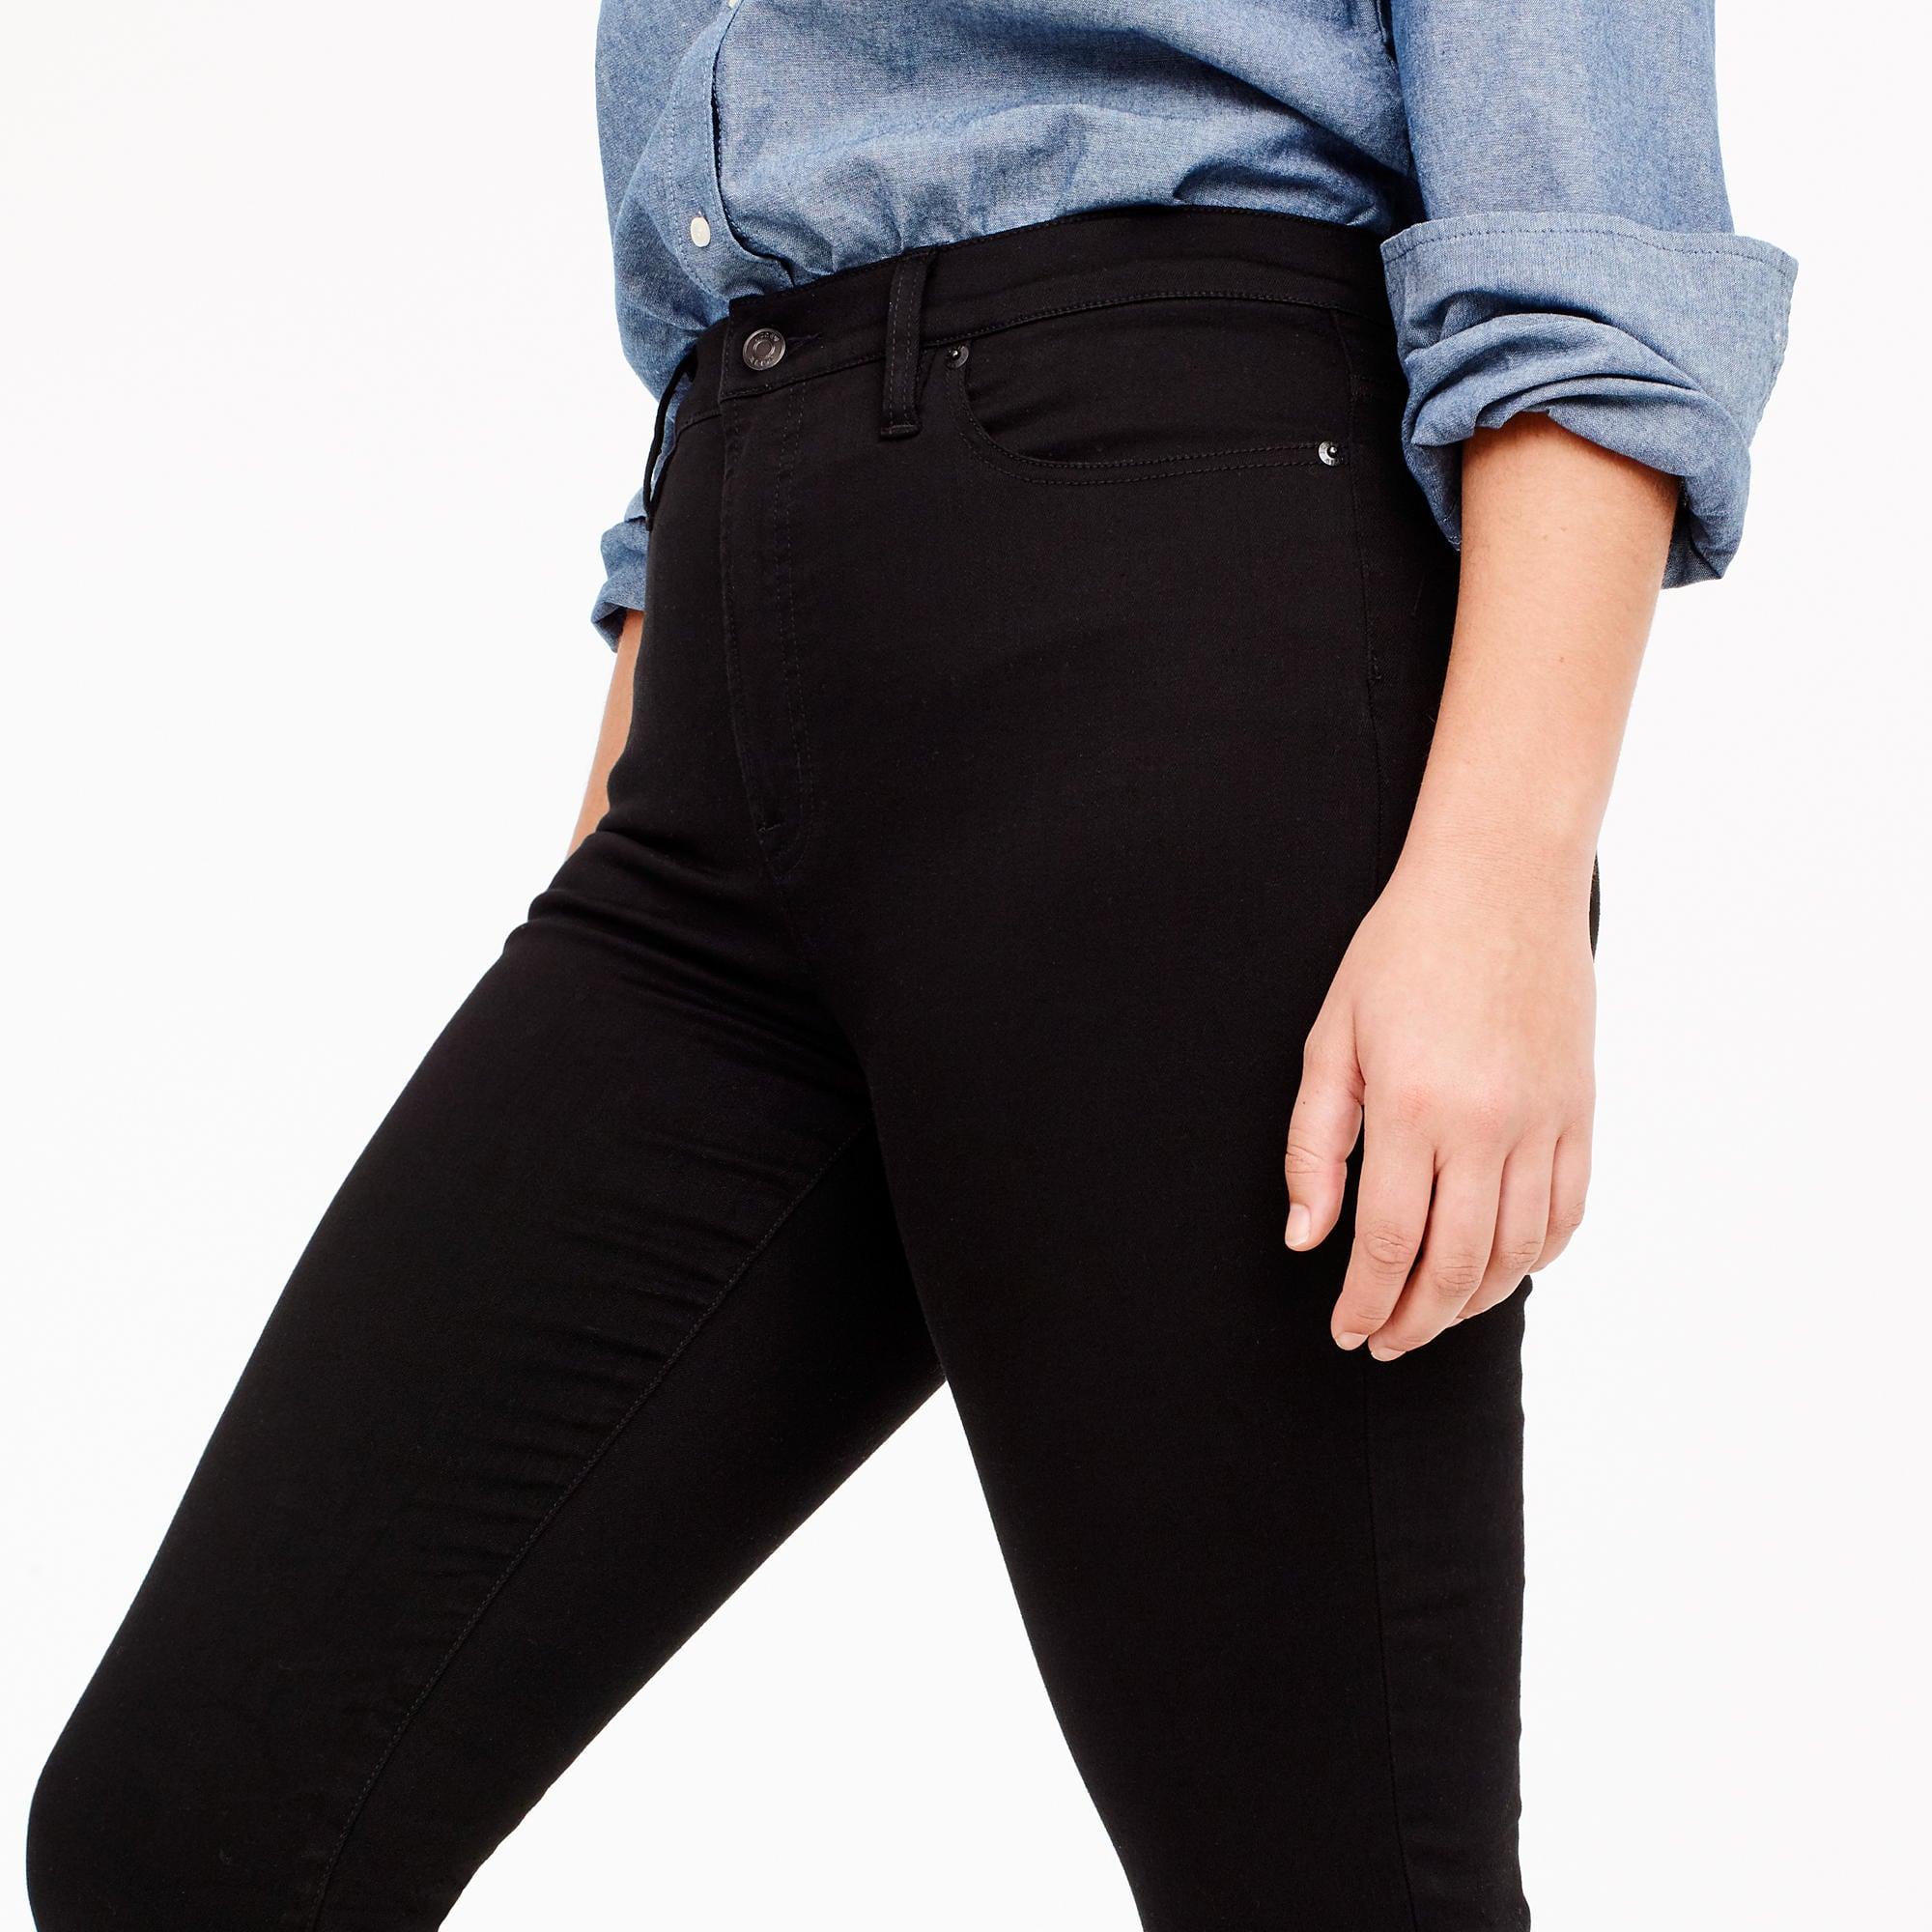 A model wearing black jeans